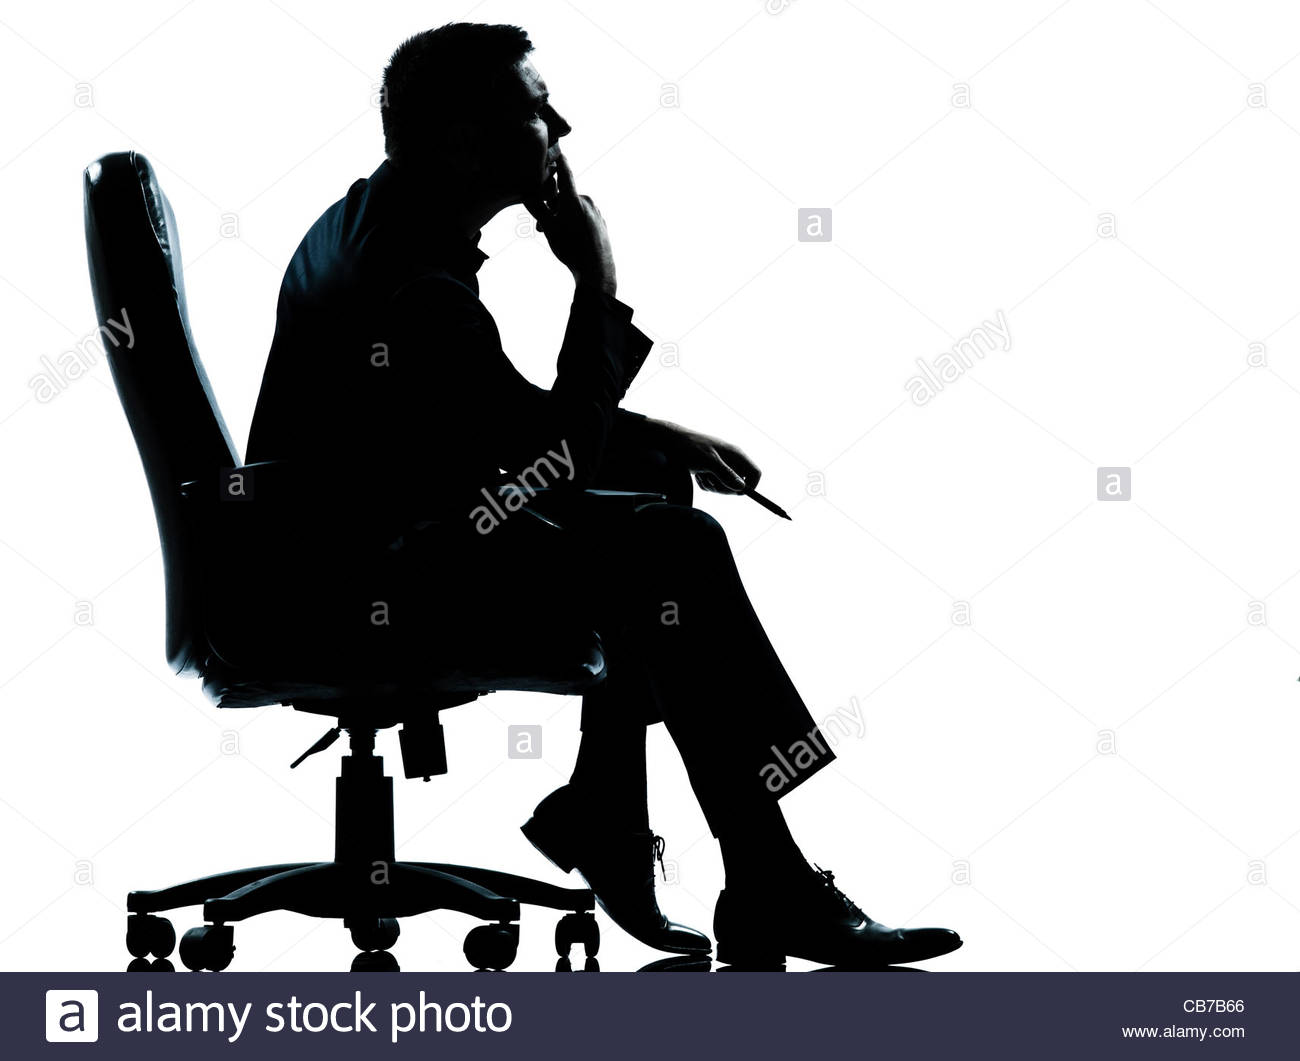 1300x1061 Man Silhouette Chair Stock Photos Amp Man Silhouette Chair Stock